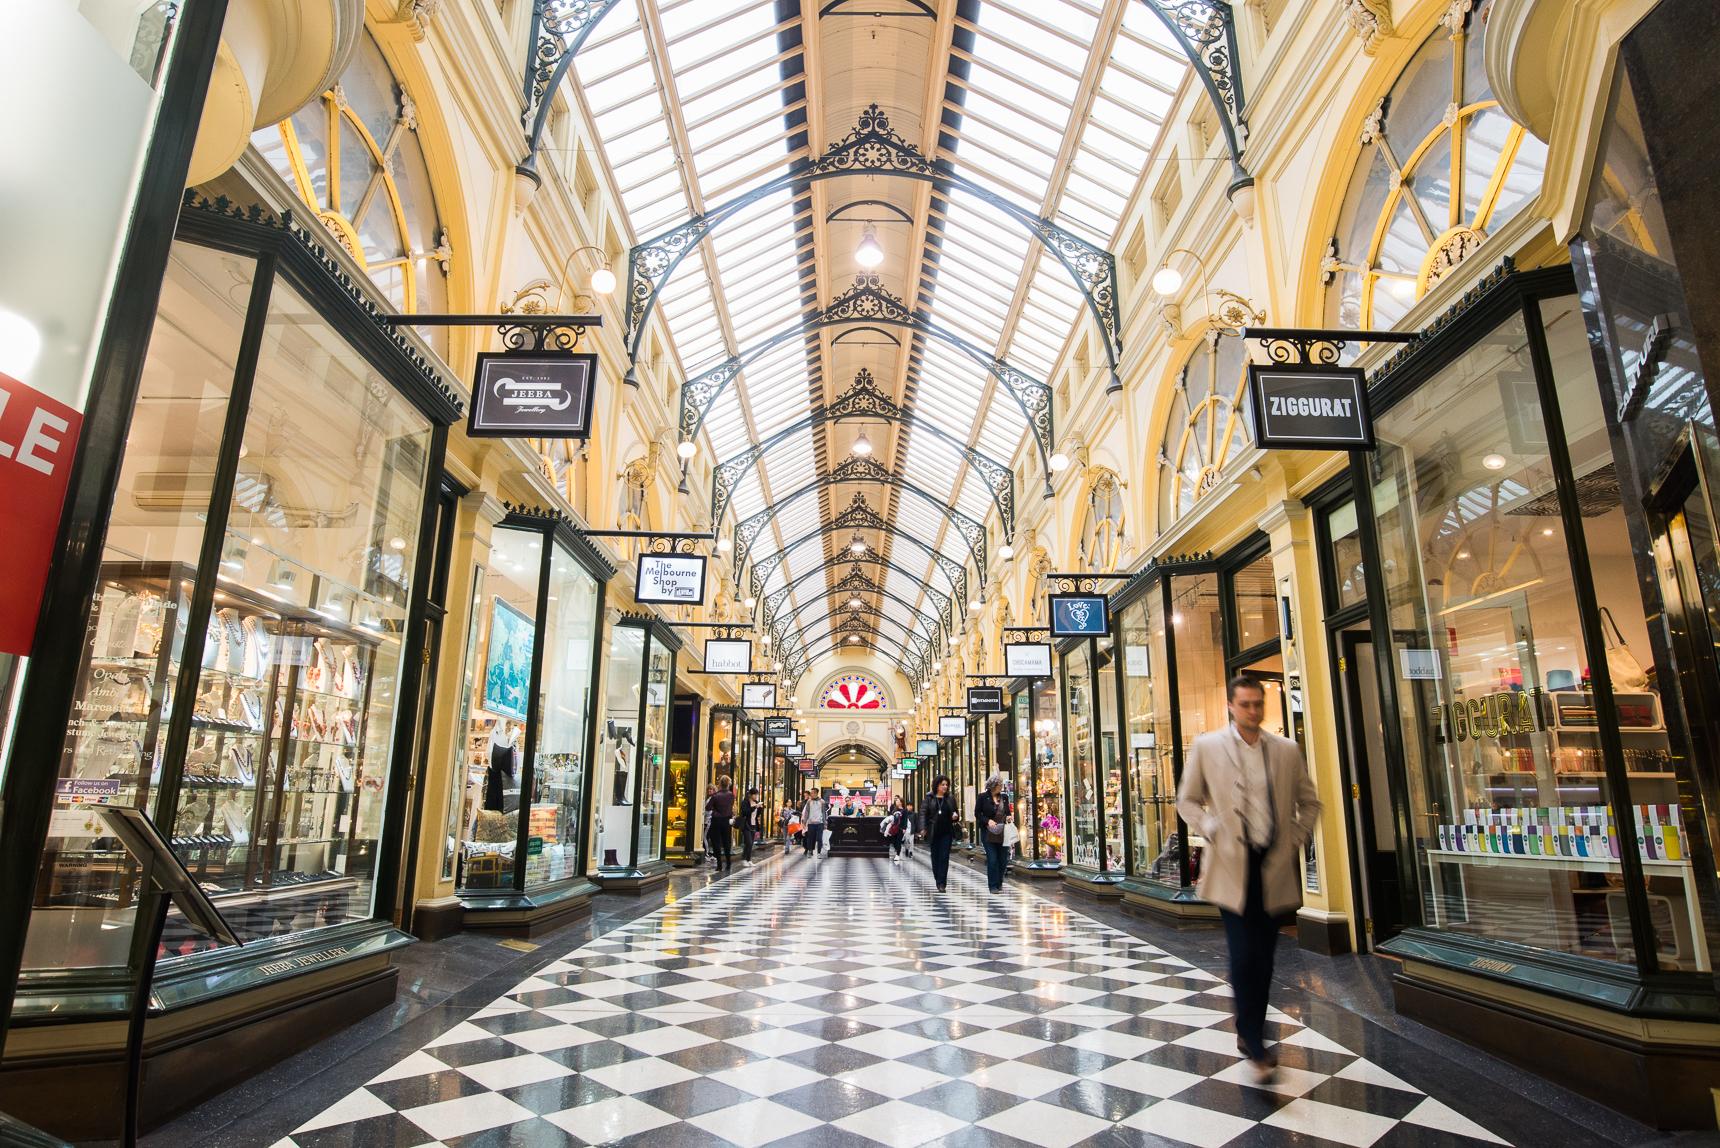 Melbourne's arcades